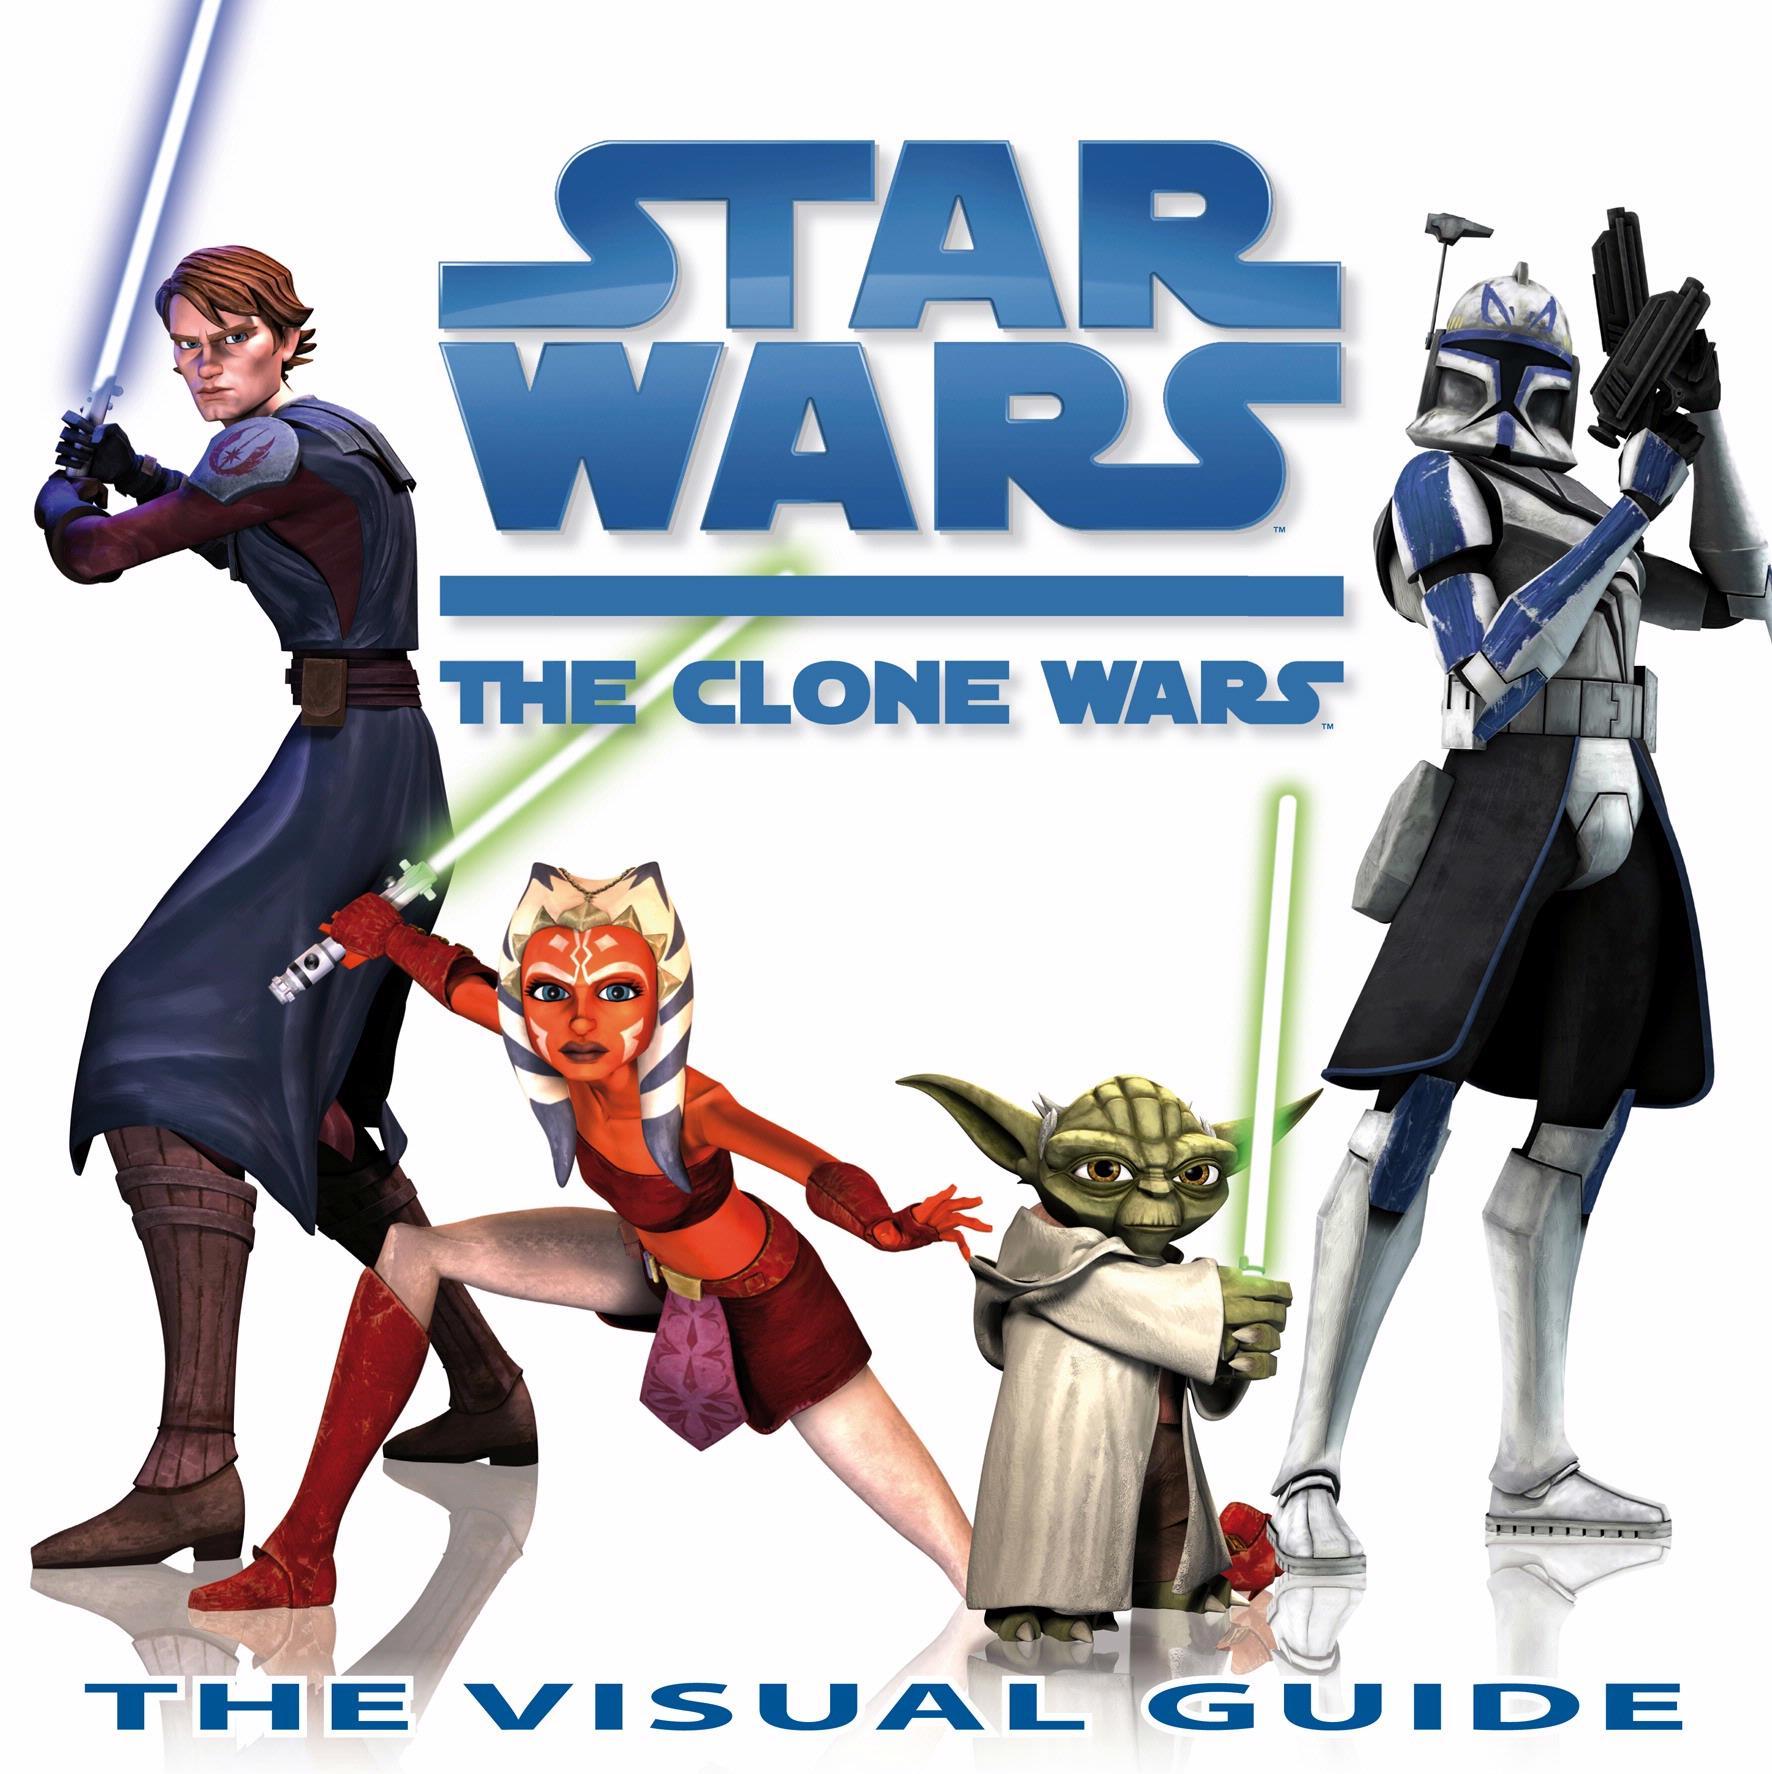 Star Wars: The Clone Wars: The Visual Guide | Wookieepedia ... | 1772 x 1774 jpeg 268kB